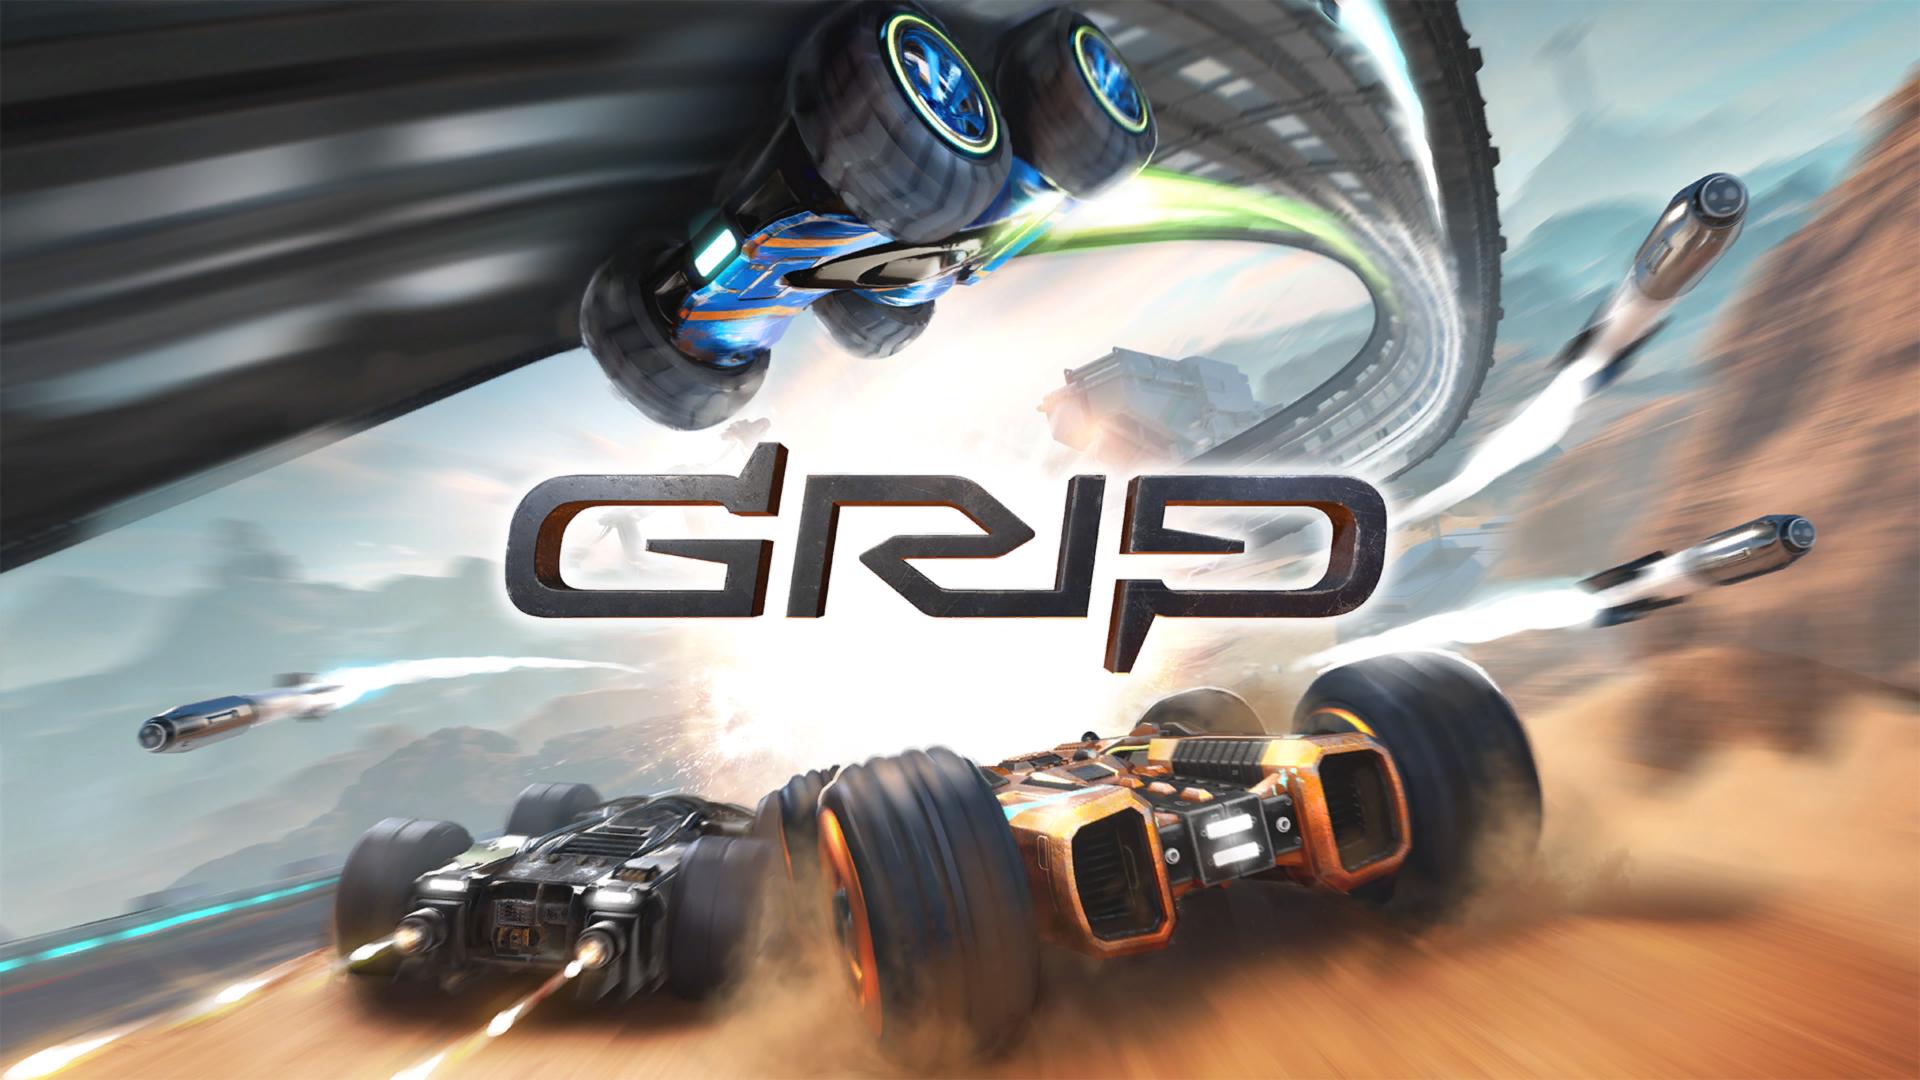 Ностальгический гоночный боевик GRIP: Combat Racing покинул ранний доступ Steam и вышел на консолях